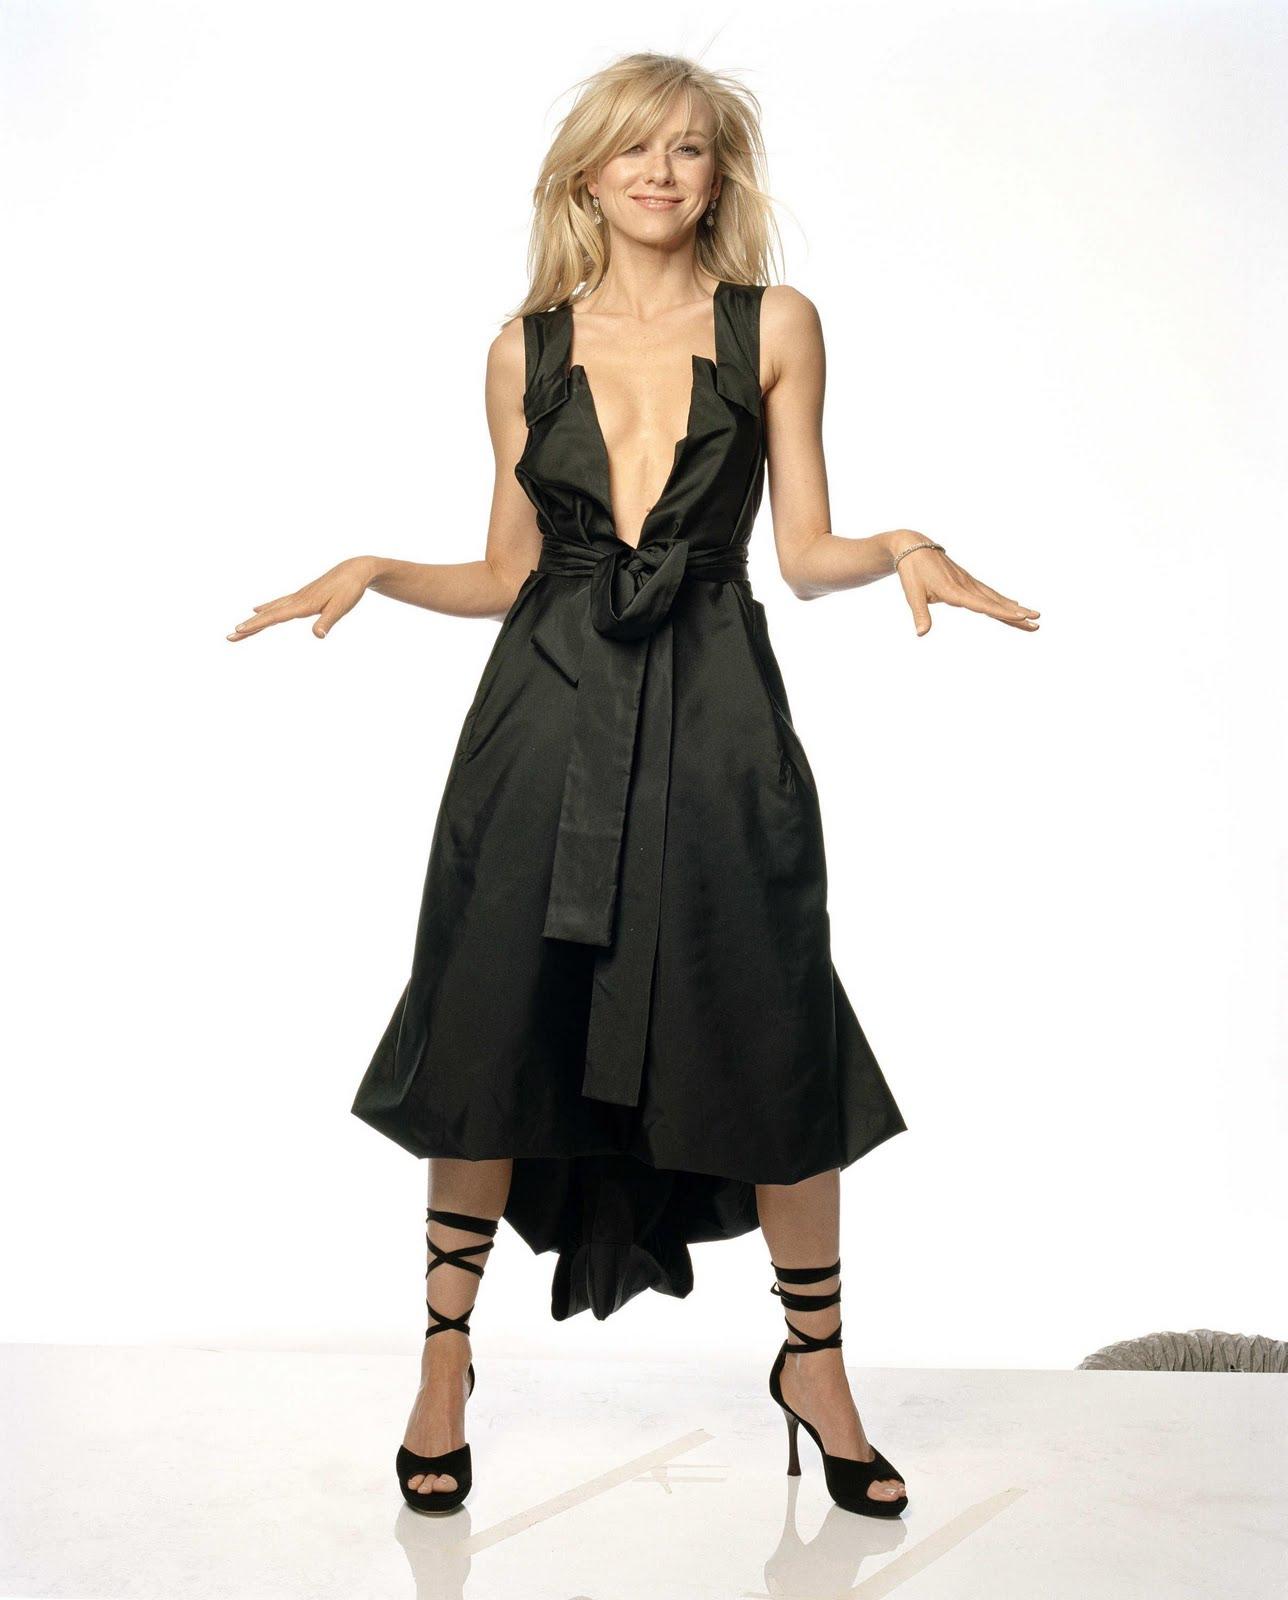 http://4.bp.blogspot.com/-FOemr5CM3w4/TcuCzb7f8JI/AAAAAAAAEEs/LTJUz7-VvbU/s1600/Naomi-Watts-Feet-148337.jpg